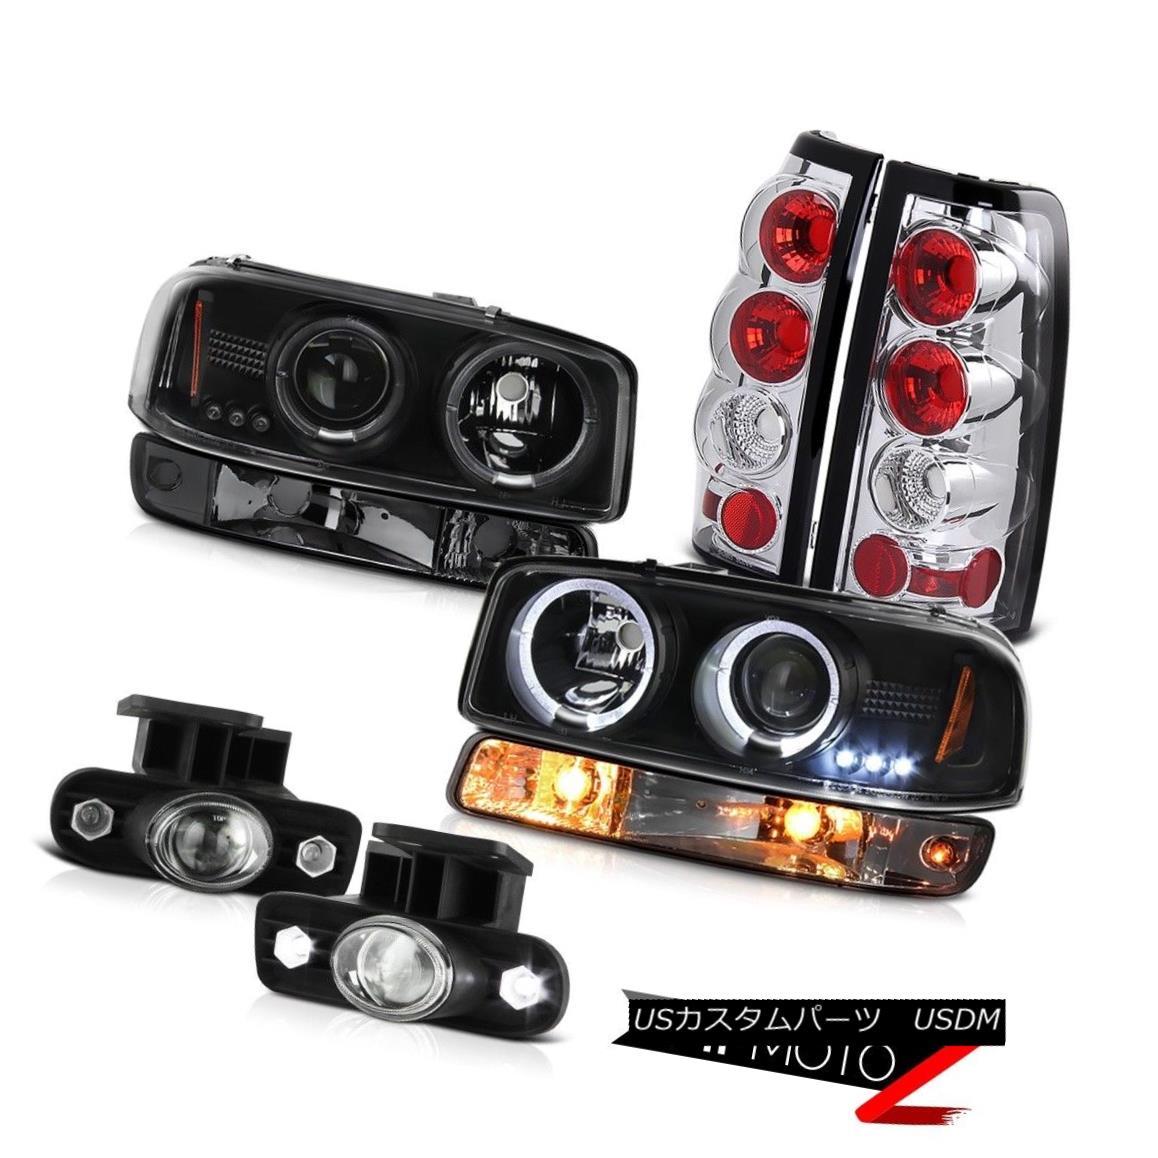 ヘッドライト 99-02 Sierra 5.3L Euro clear foglamps rear brake lights parking light headlamps 99-02シエラ5.3Lユーロクリアフォグランプリアブレーキライト駐車ライトヘッドランプ